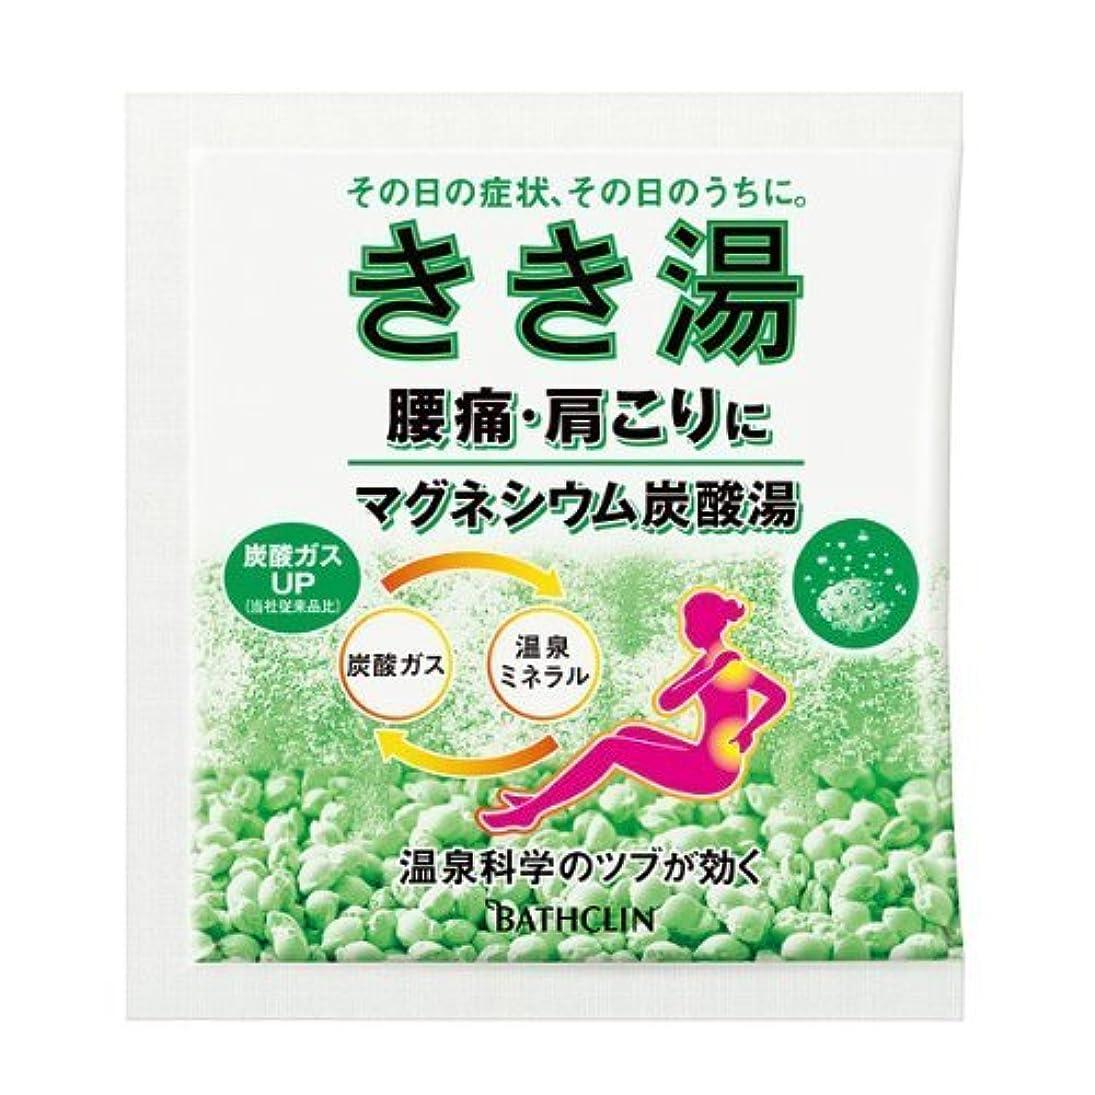 りミンチ汚物バスクリン きき湯 マグネシウム炭酸湯 30g 【医薬部外品】 4548514136625